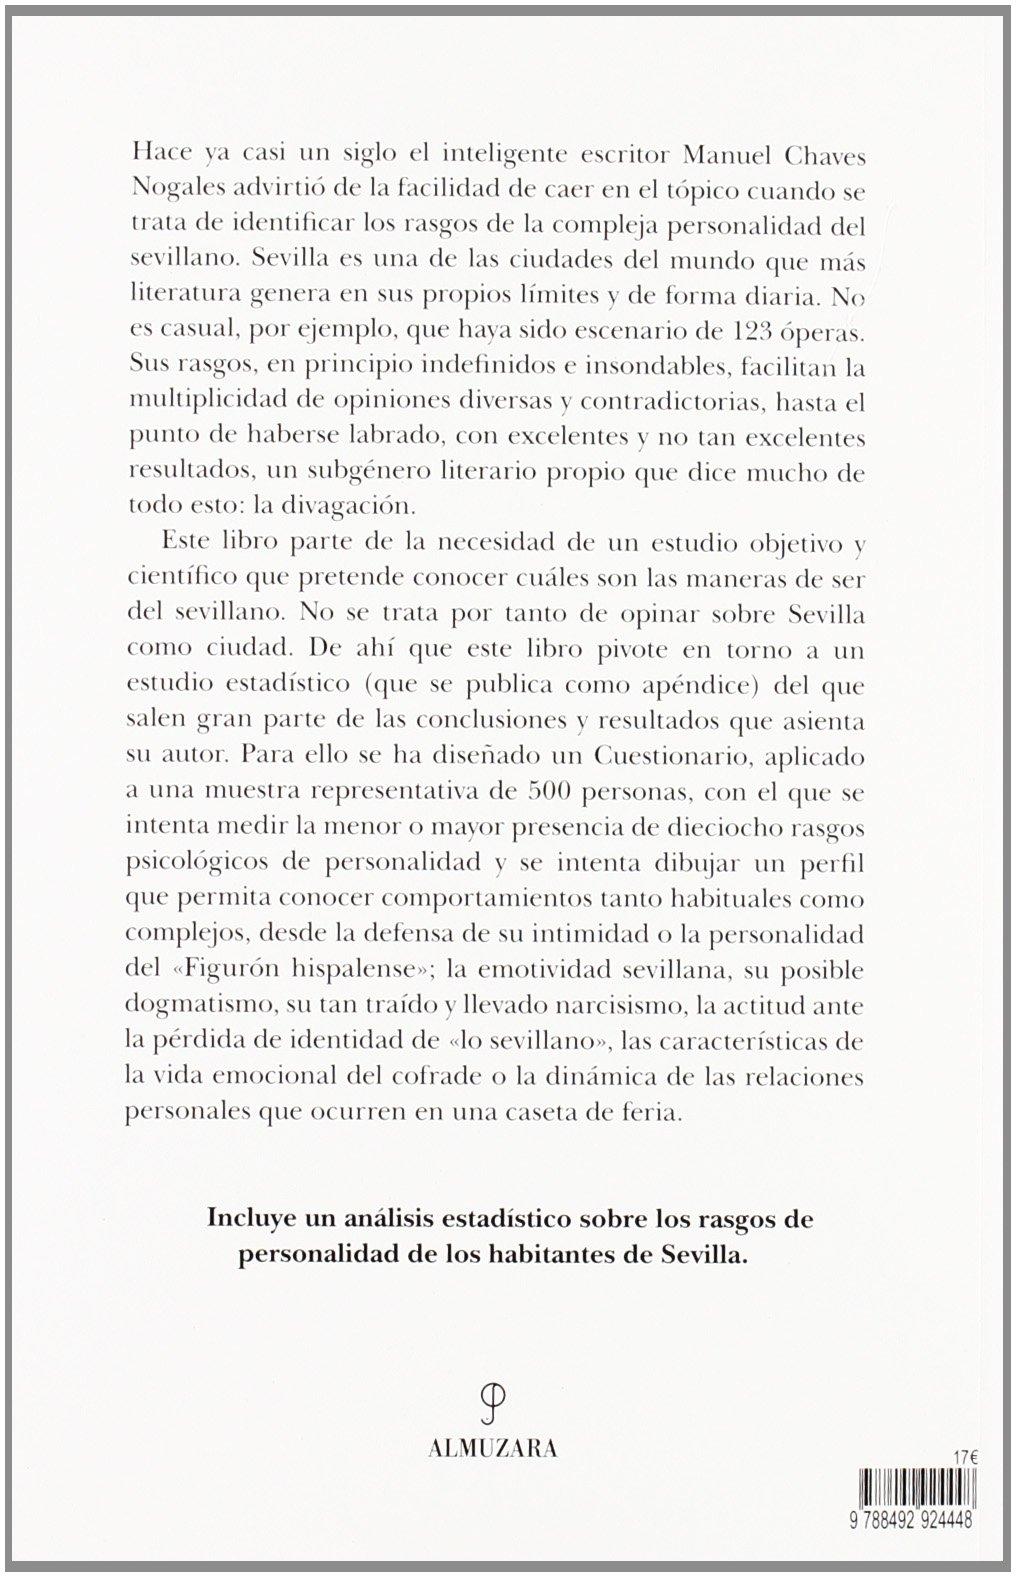 La psicología del sevillano: Un análisis sobre la manera de ser de los sevillanos sin divagaciones: Amazon.es: Jaime Rodríguez Sacristán: Libros